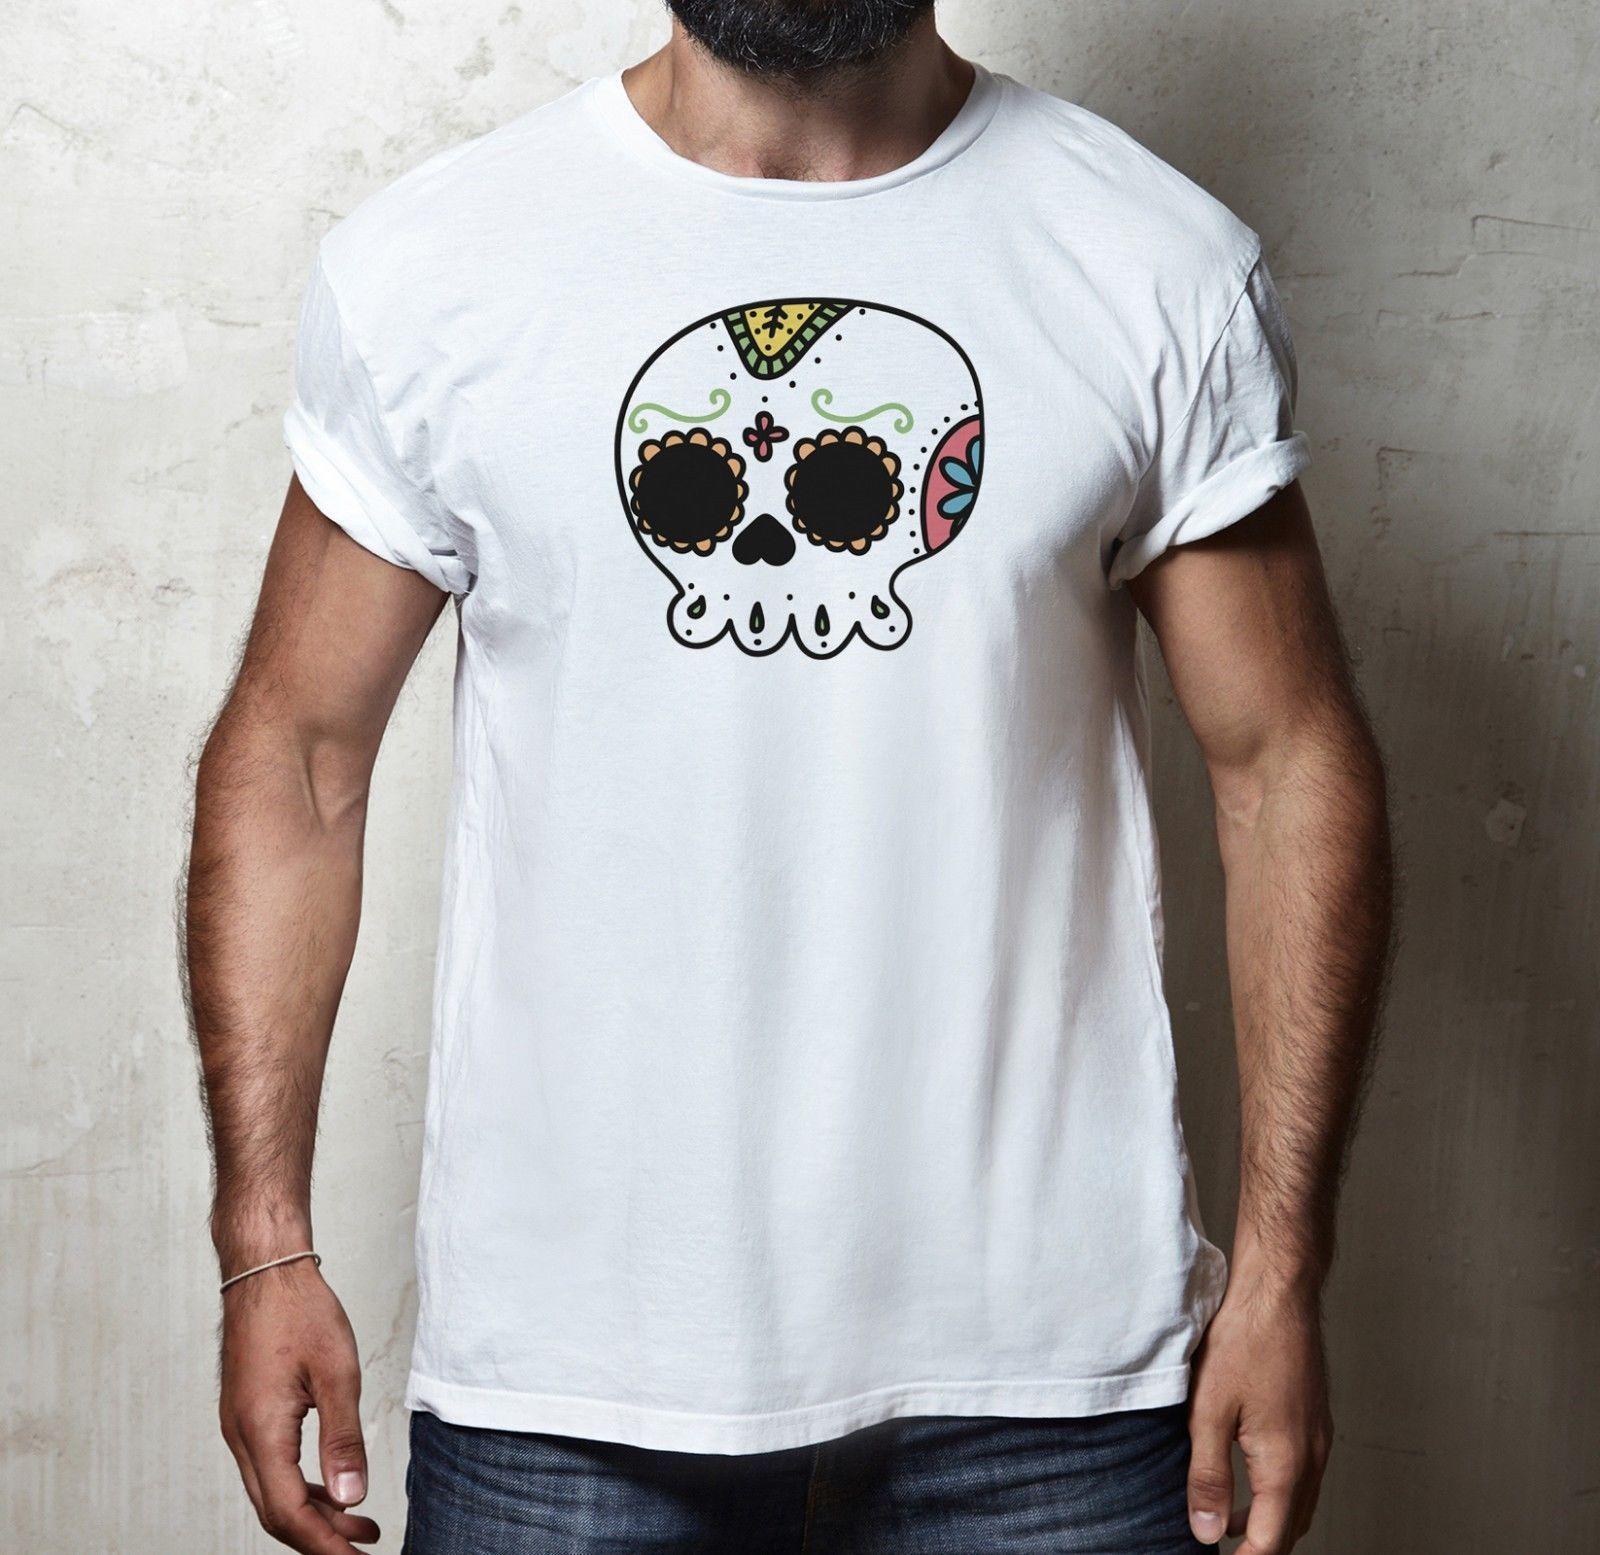 b50d242a00b9 Мексика мультфильм сахар череп День мертвых мужская женская Fit футболка  новое ...